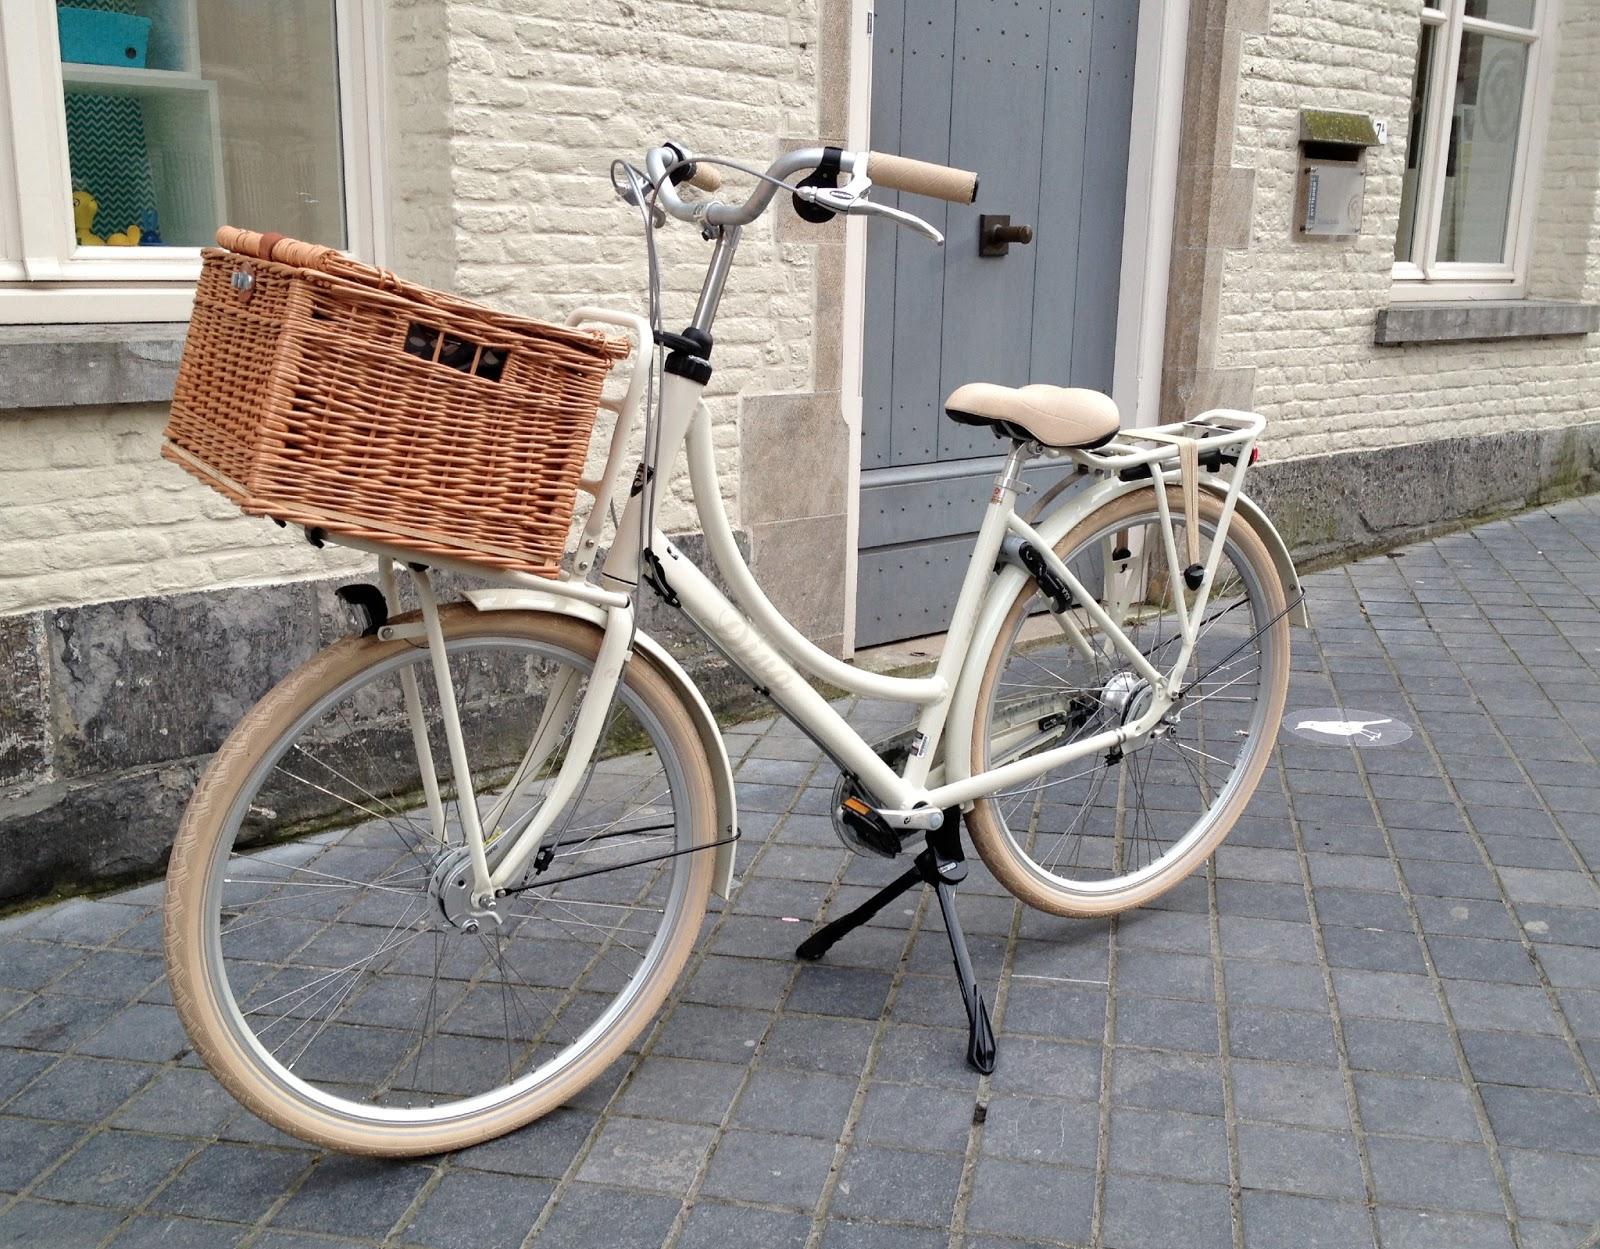 stapel op fietsen